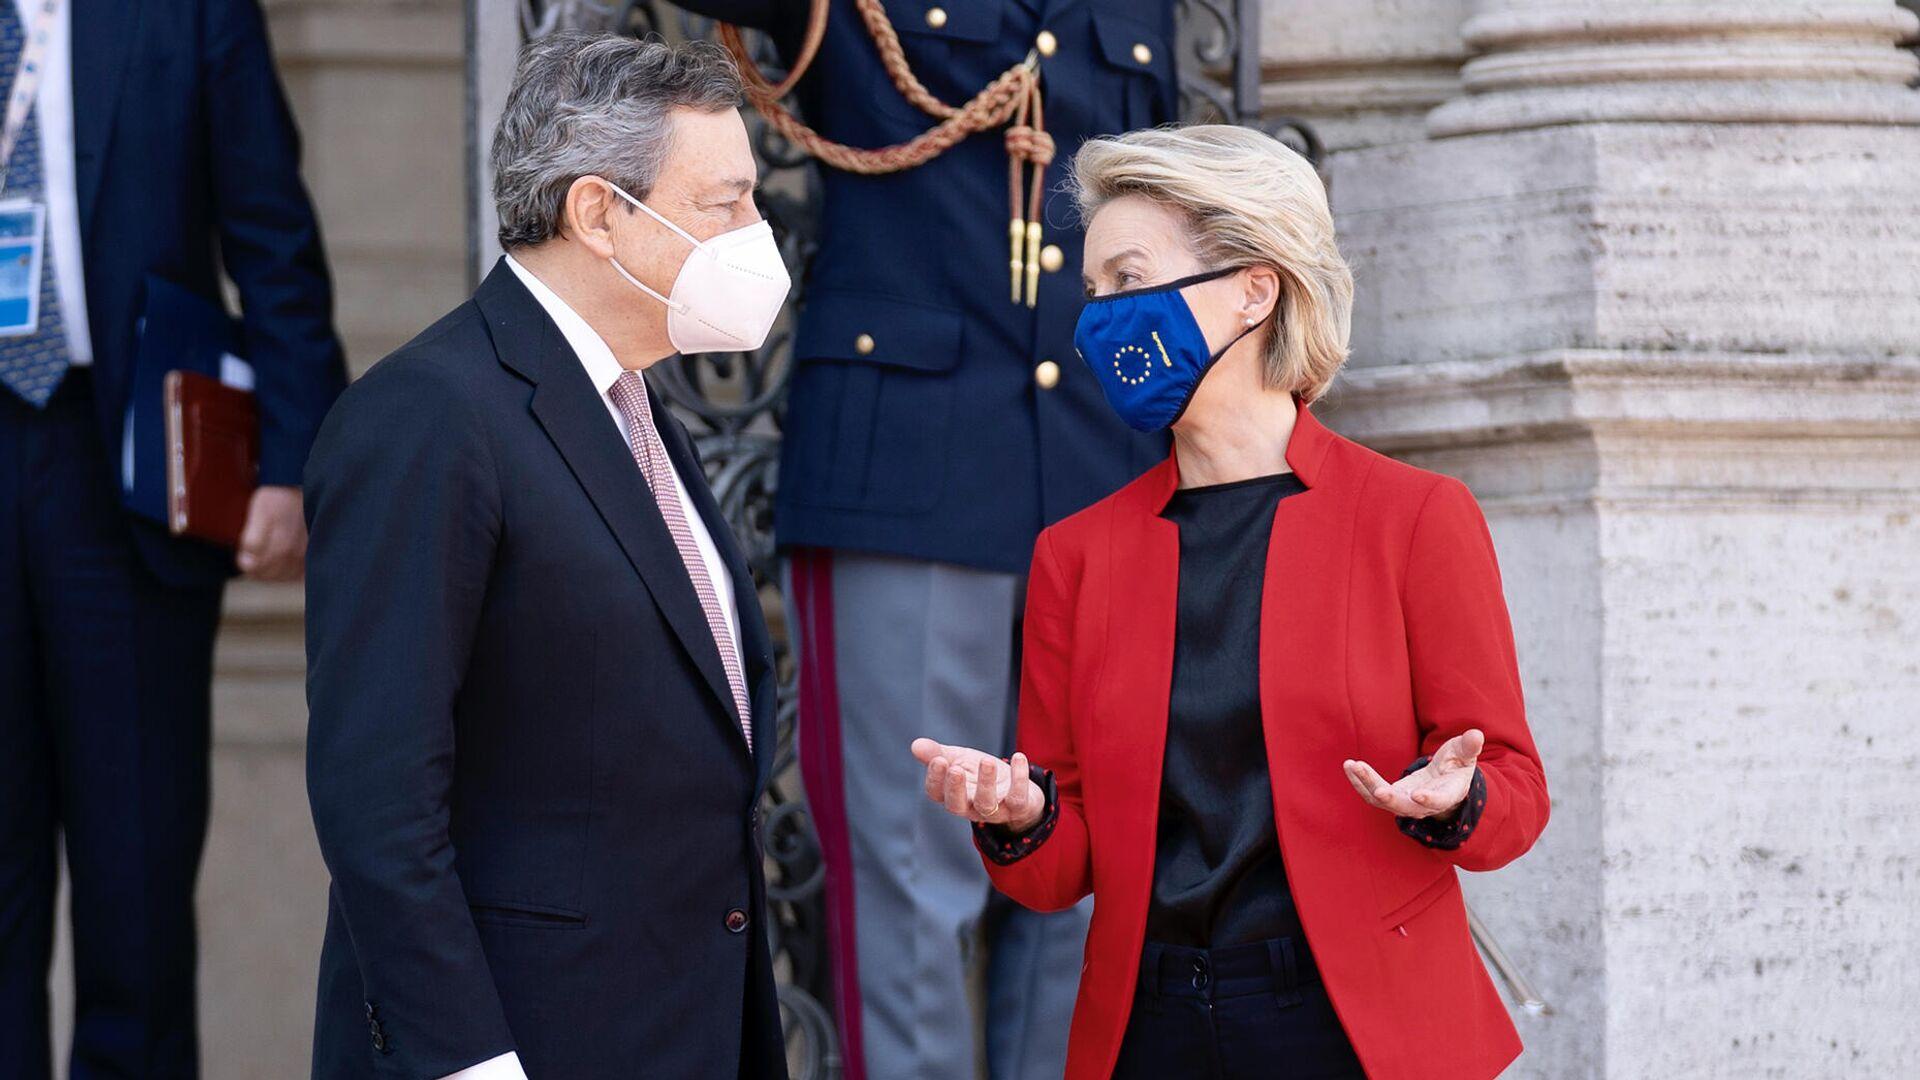 Il Presidente del Consiglio, Mario Draghi, accoglie a Villa Pamphilj la Presidente della Commissione Europea Ursula von der Leyen in occasione del Global Health Summit. 21 May 2021, Rome  - Sputnik Italia, 1920, 22.05.2021